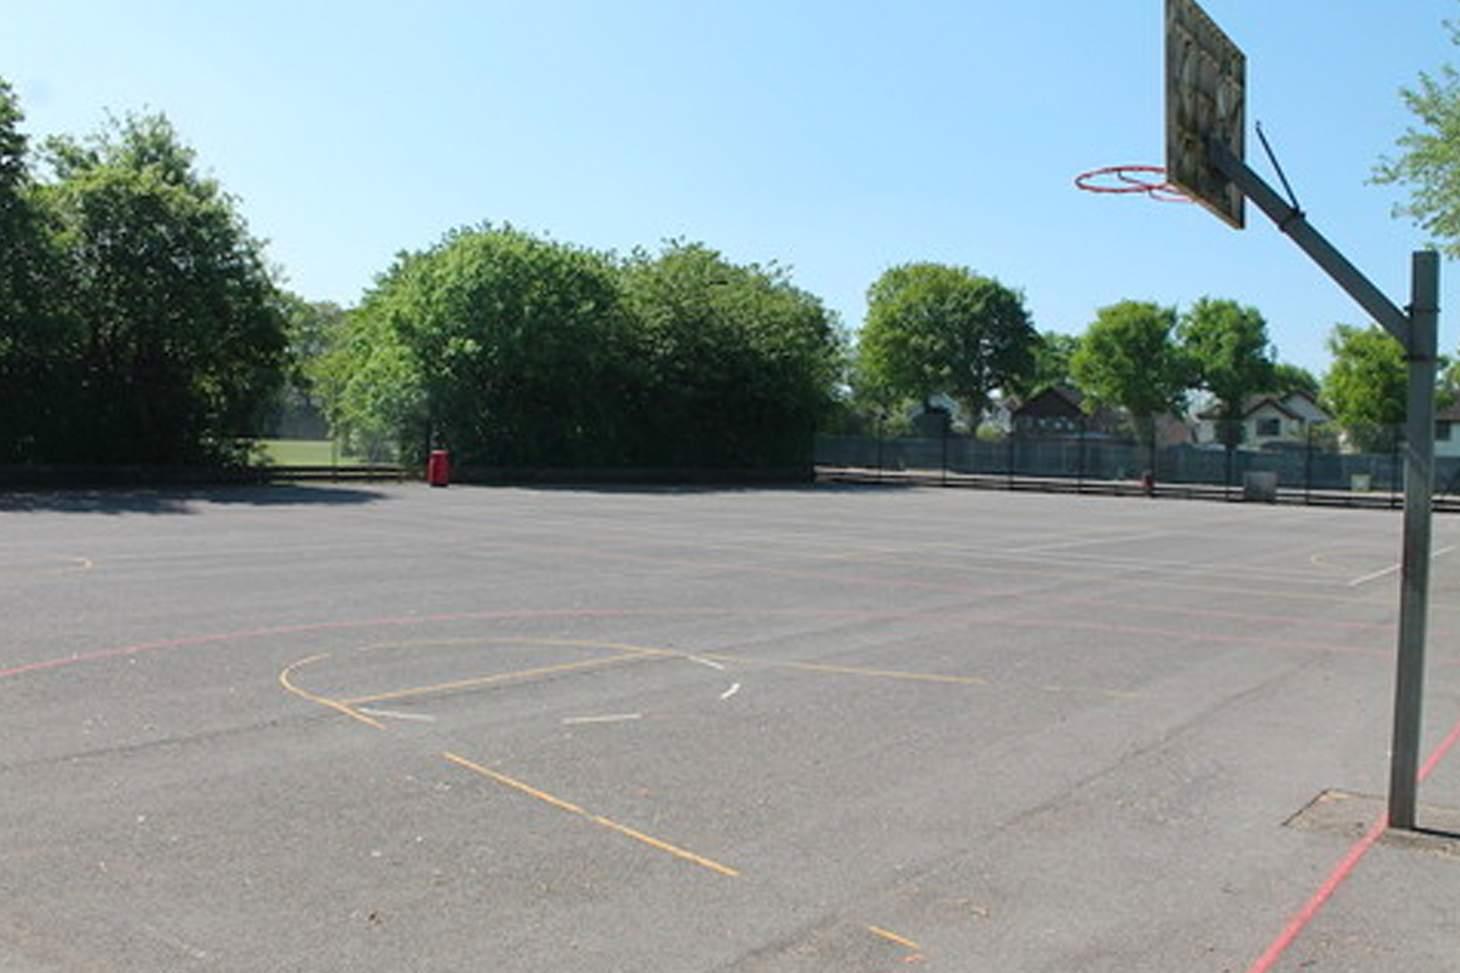 Mayflower High School 5 a side | Hard (macadam) football pitch